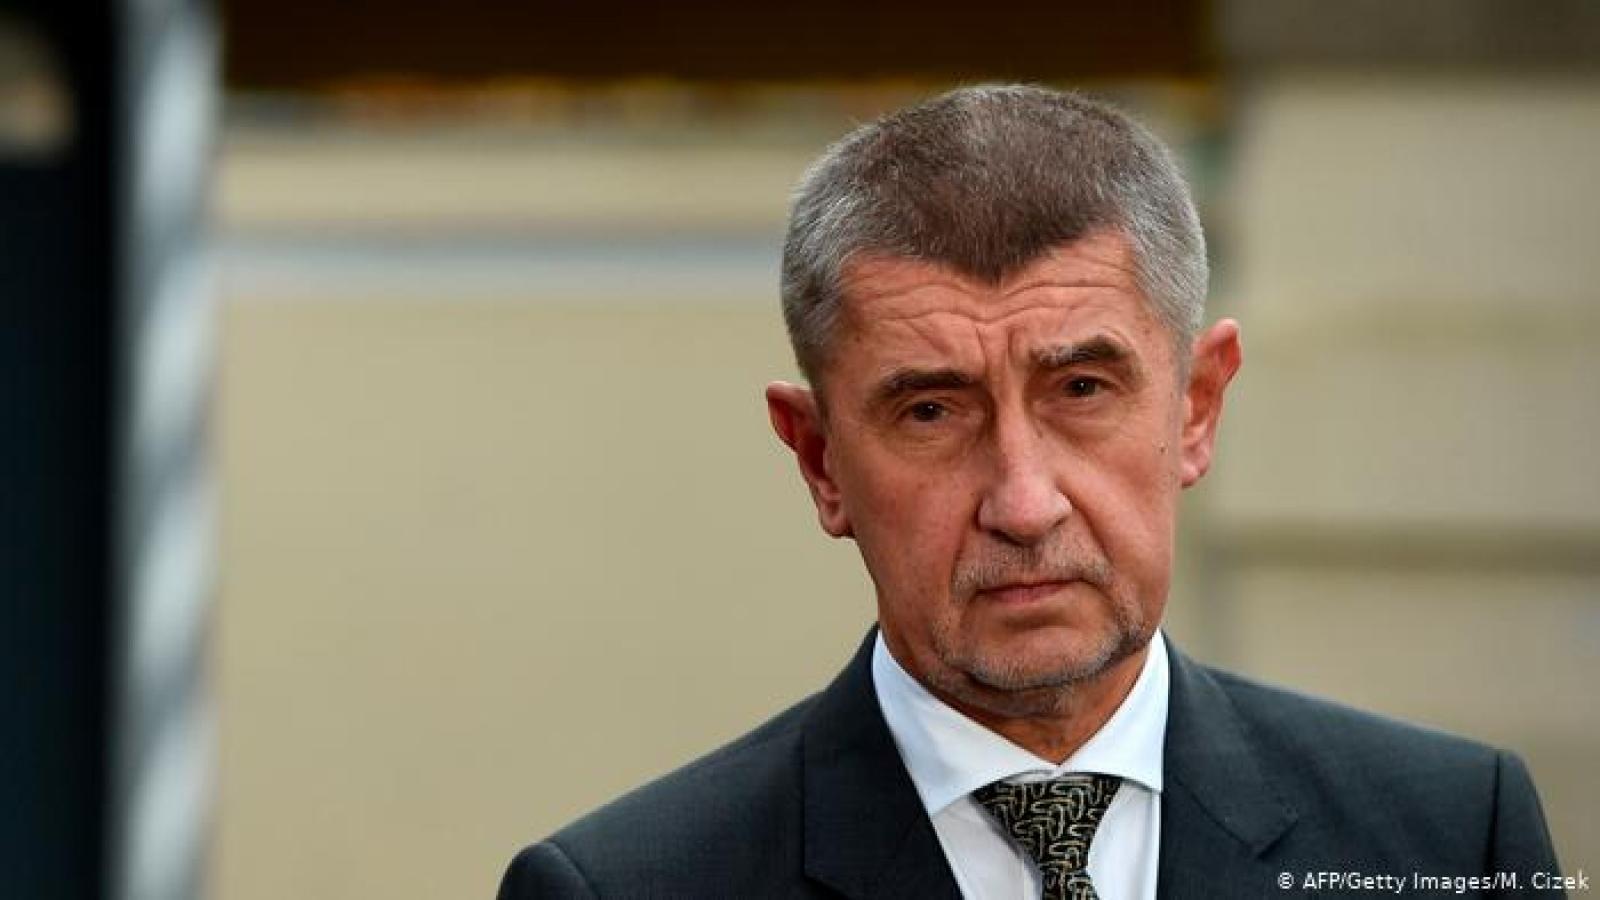 Séc yêu cầu Hội đồng châu Âu lên án Nga với cáo buộc liên quanvụ nổ kho vũ khí Vrbetice